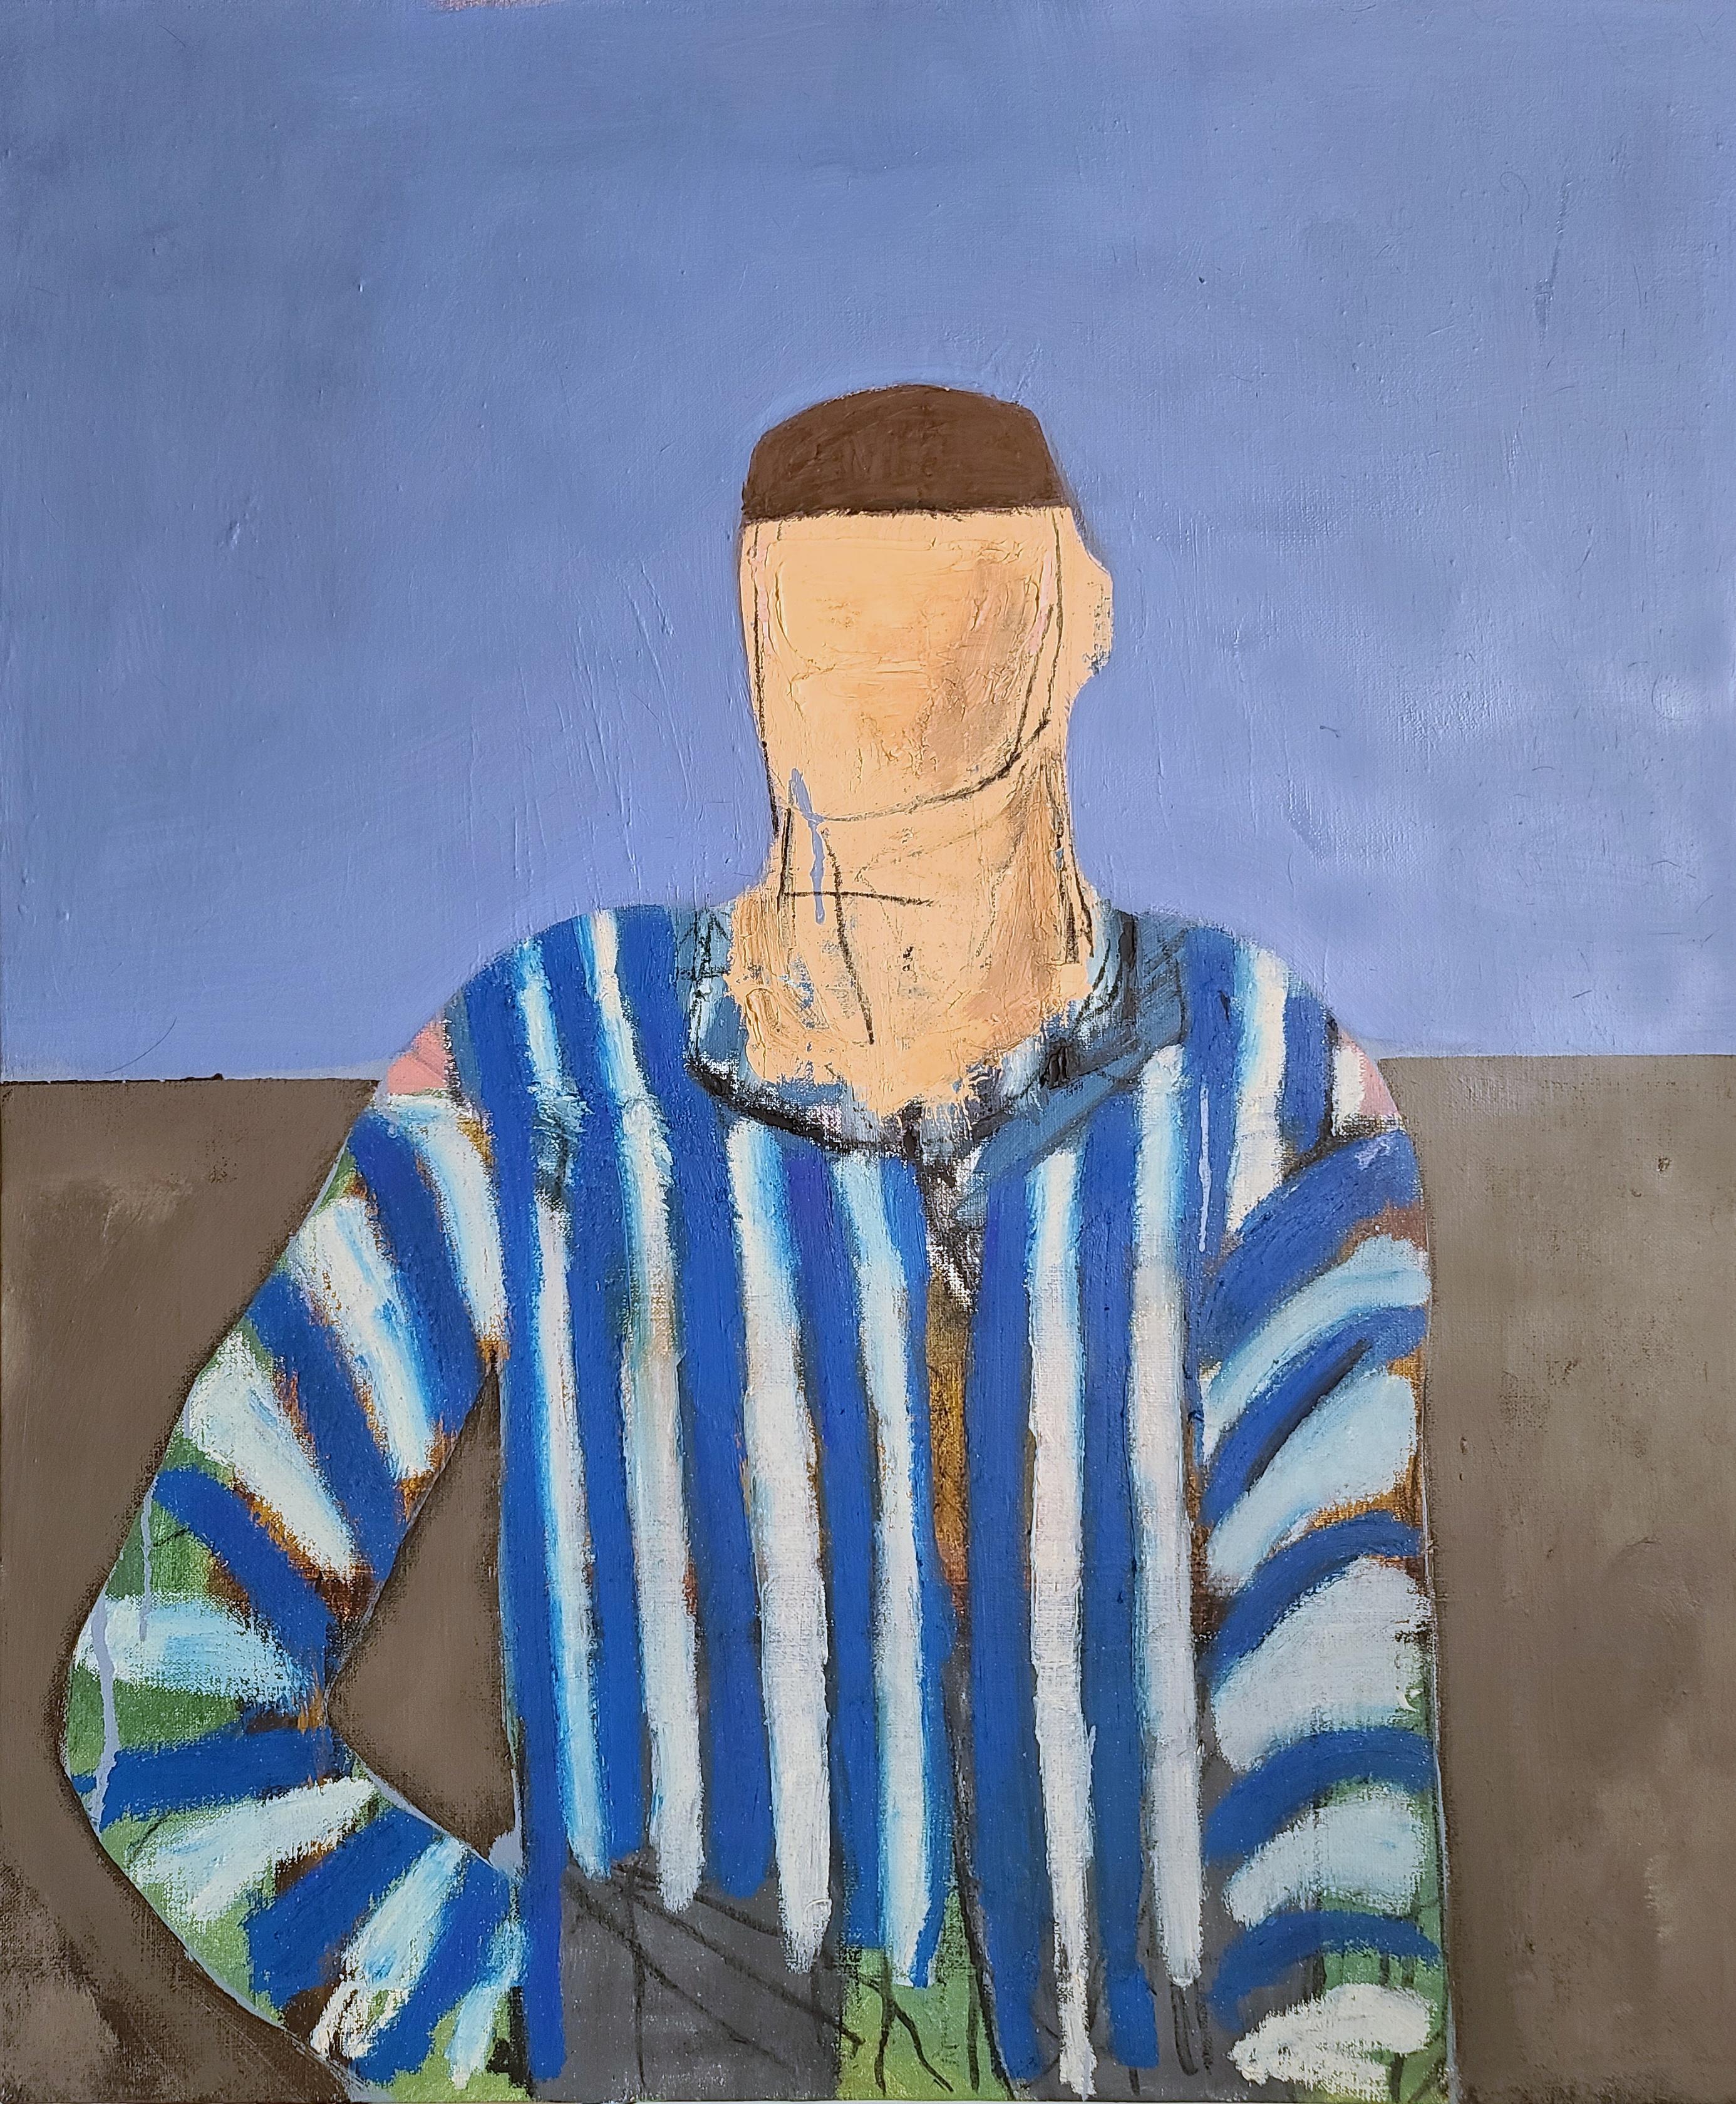 003, 최우, untitled, 72.7 x 60